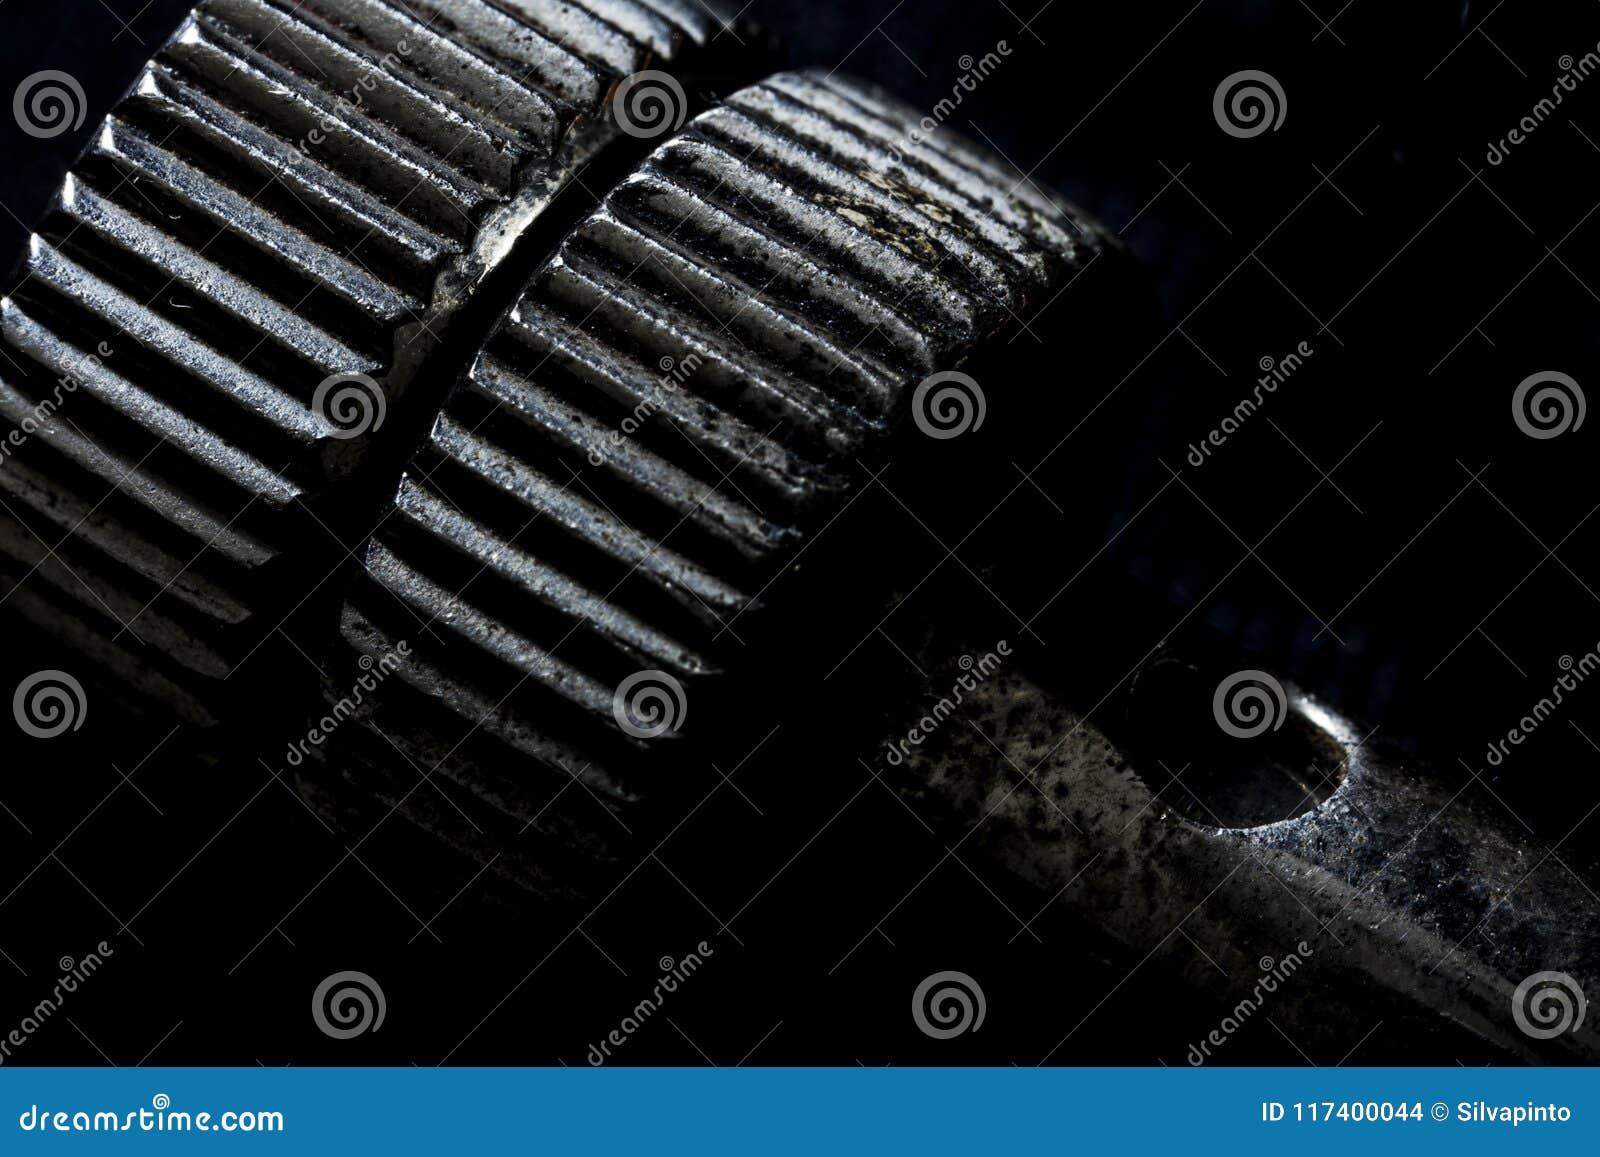 Extrem nah oben von der Eisenantriebsscheibe